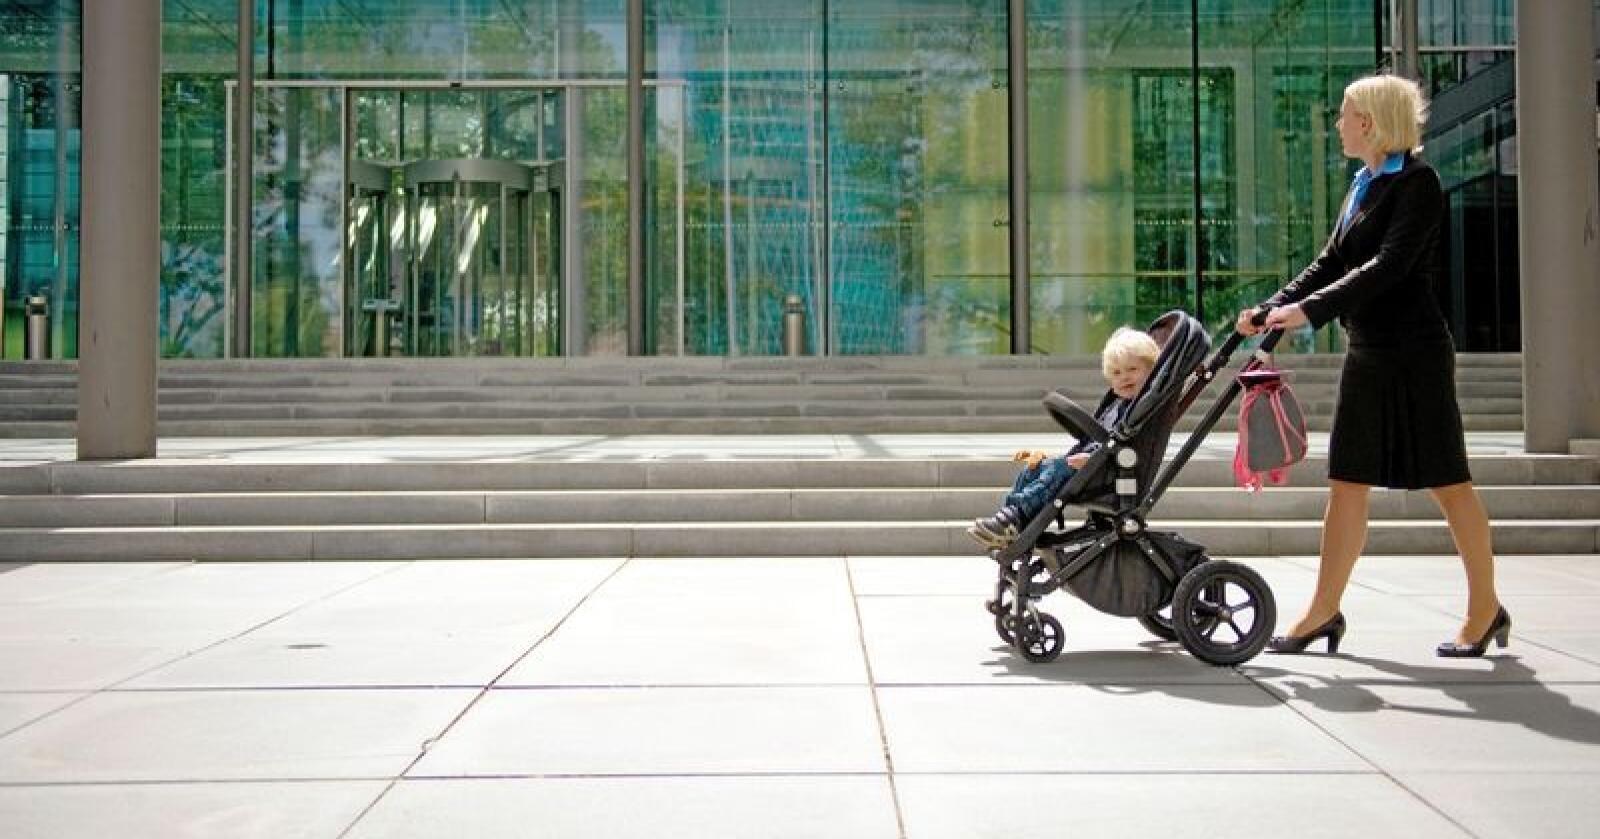 Vi mødre kan i dag velge om vi vil jobbe eller ikke, skriver Lene Westgaard-Halle. Foto: Jan haas / NTB scanpix